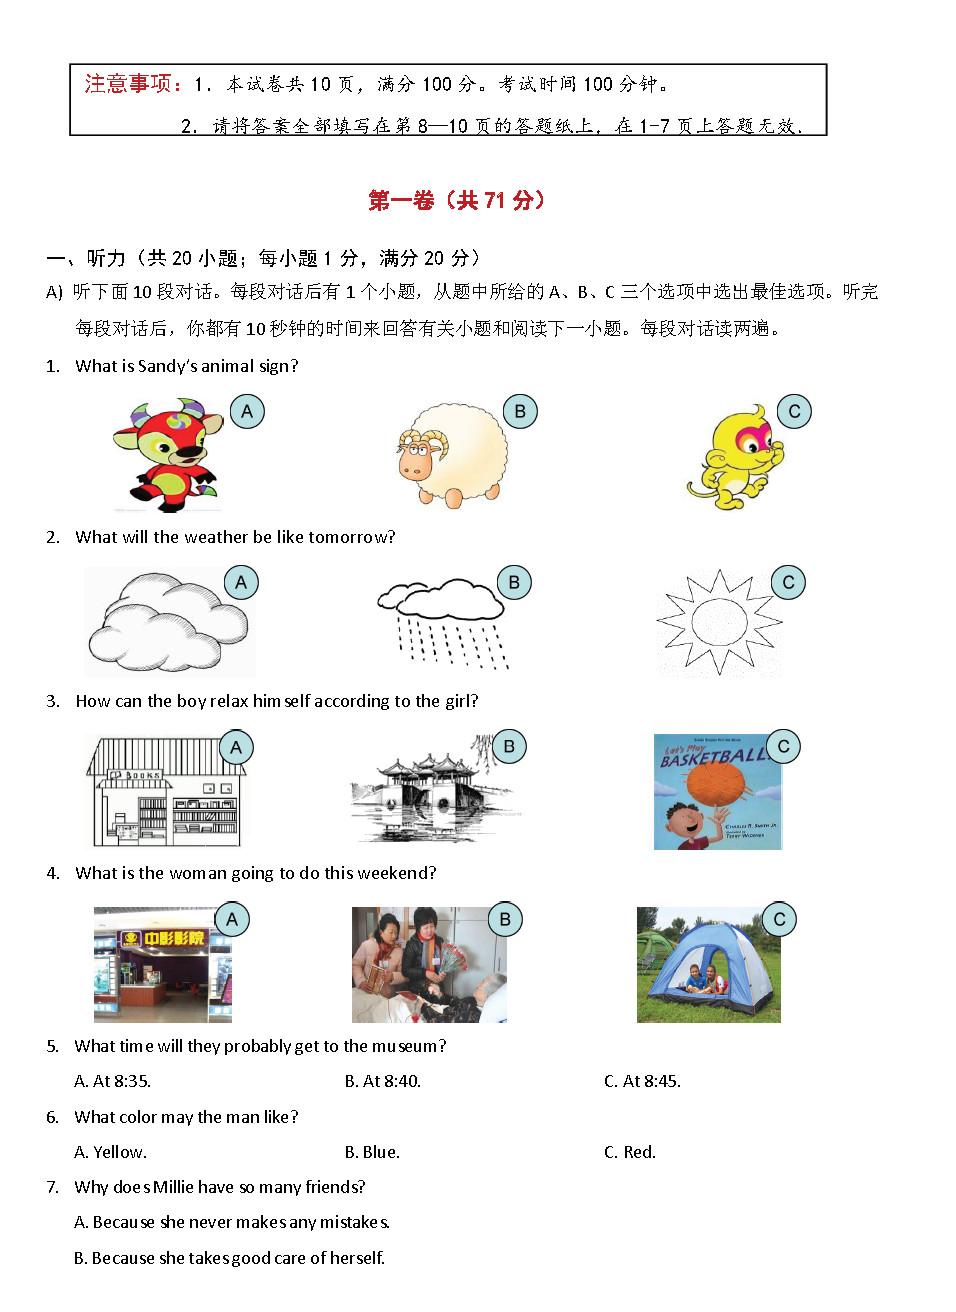 2018-2019学年江苏省常州市初三英语上册期中试题答案(图片版)